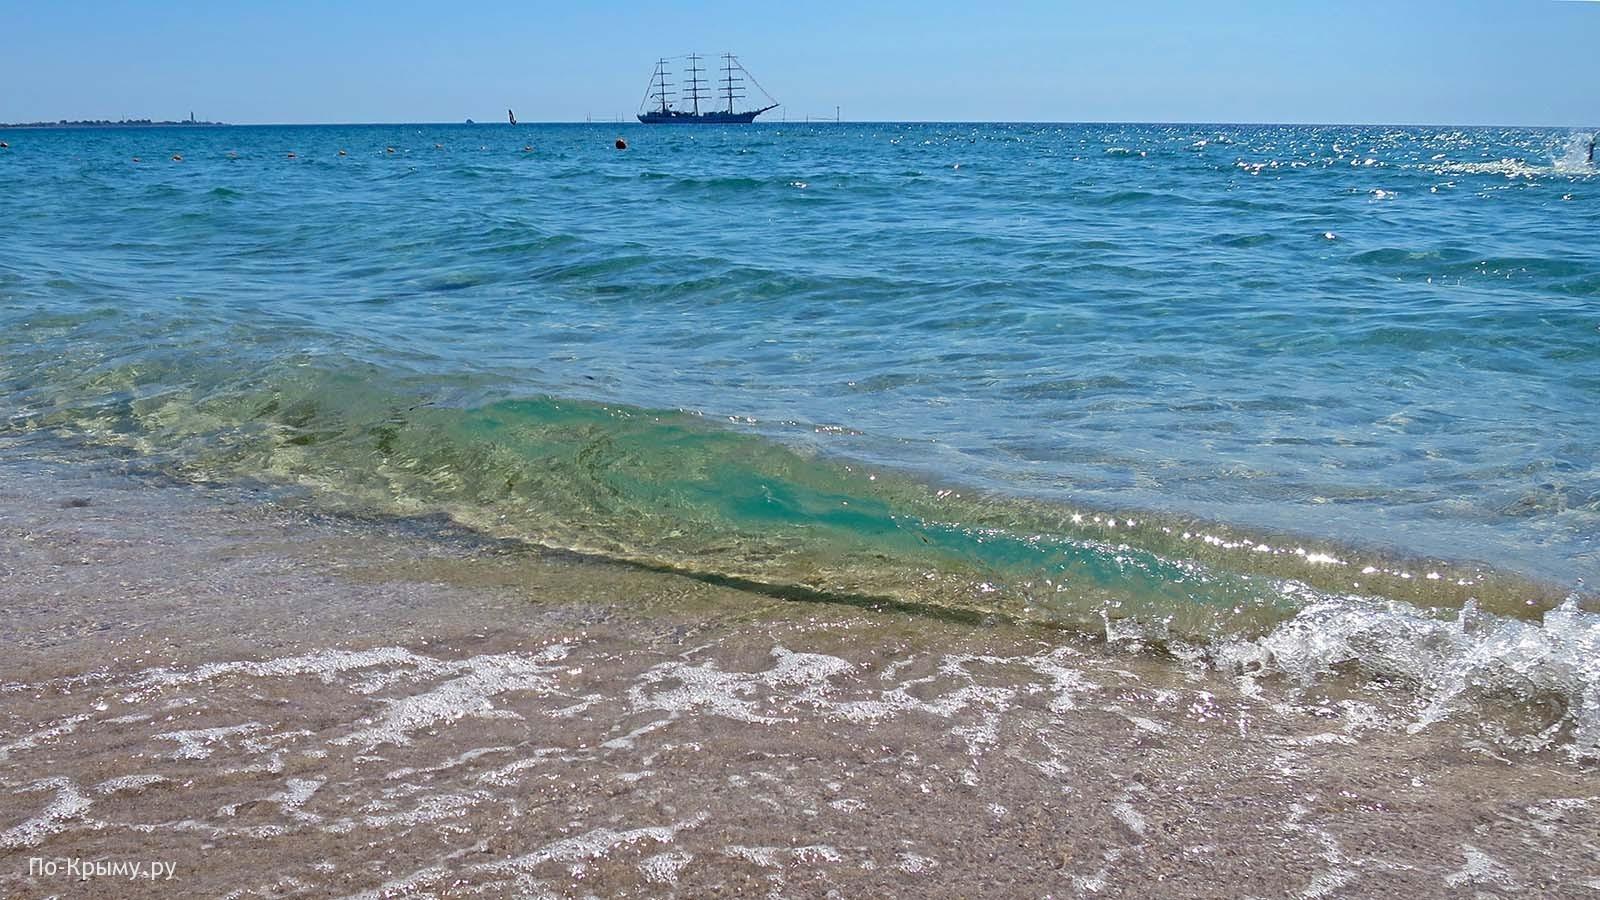 Караджинская бухта, парусник Херсонес